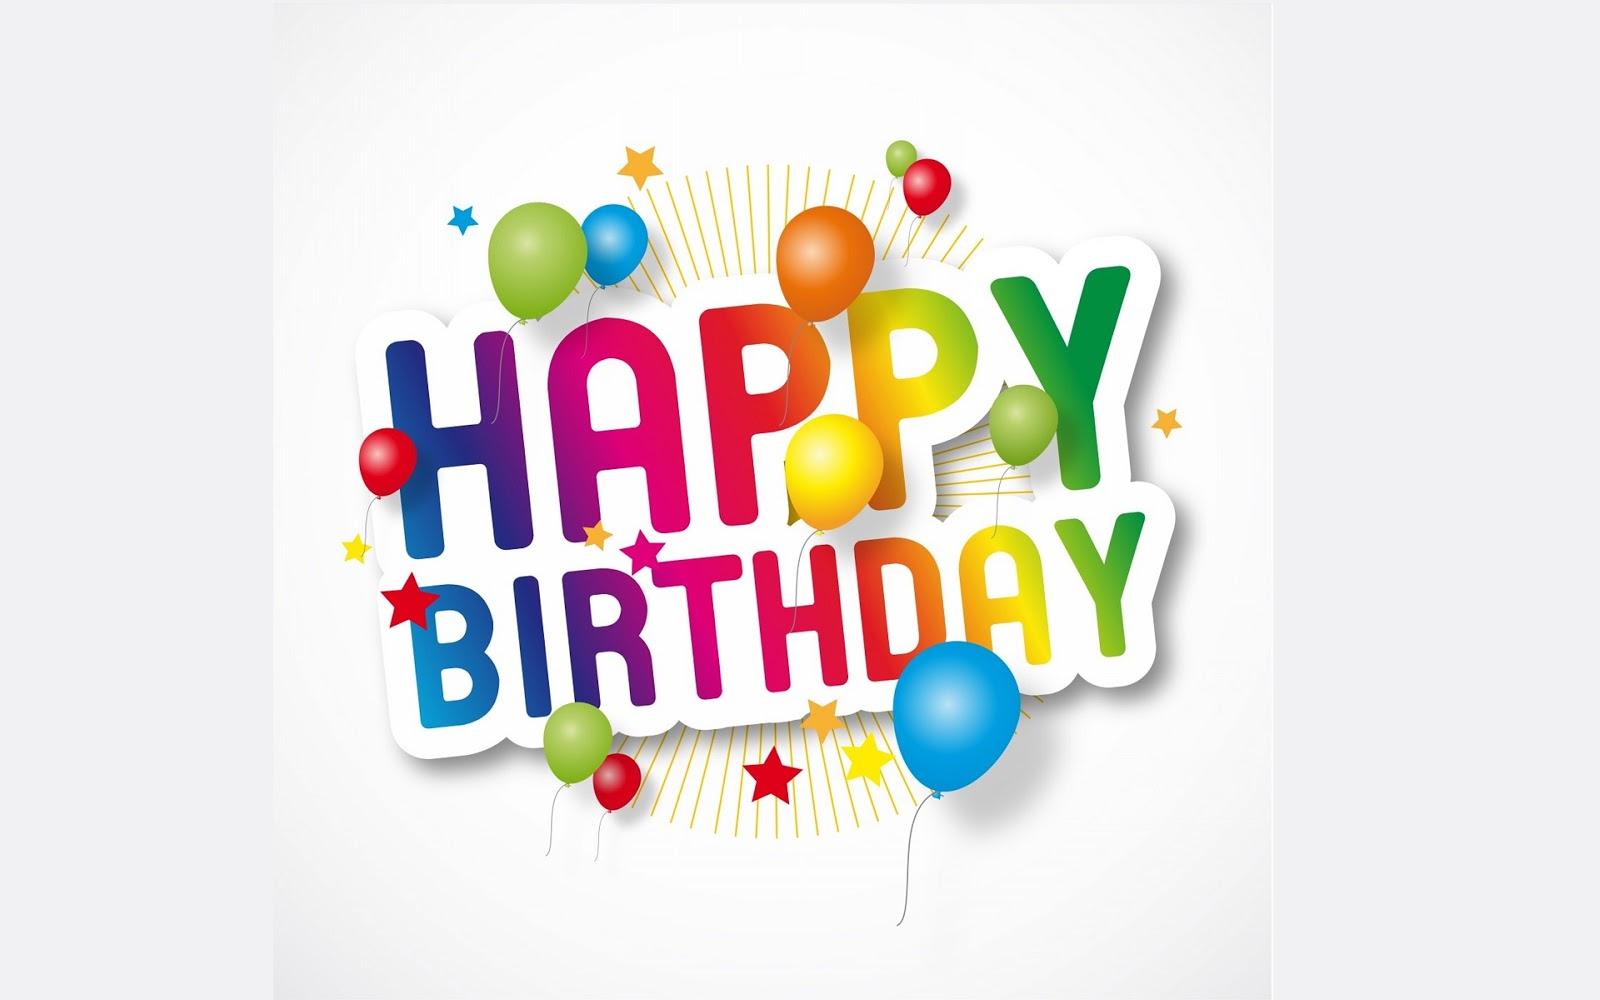 Поздравления на английском языке с днем рождения картинки